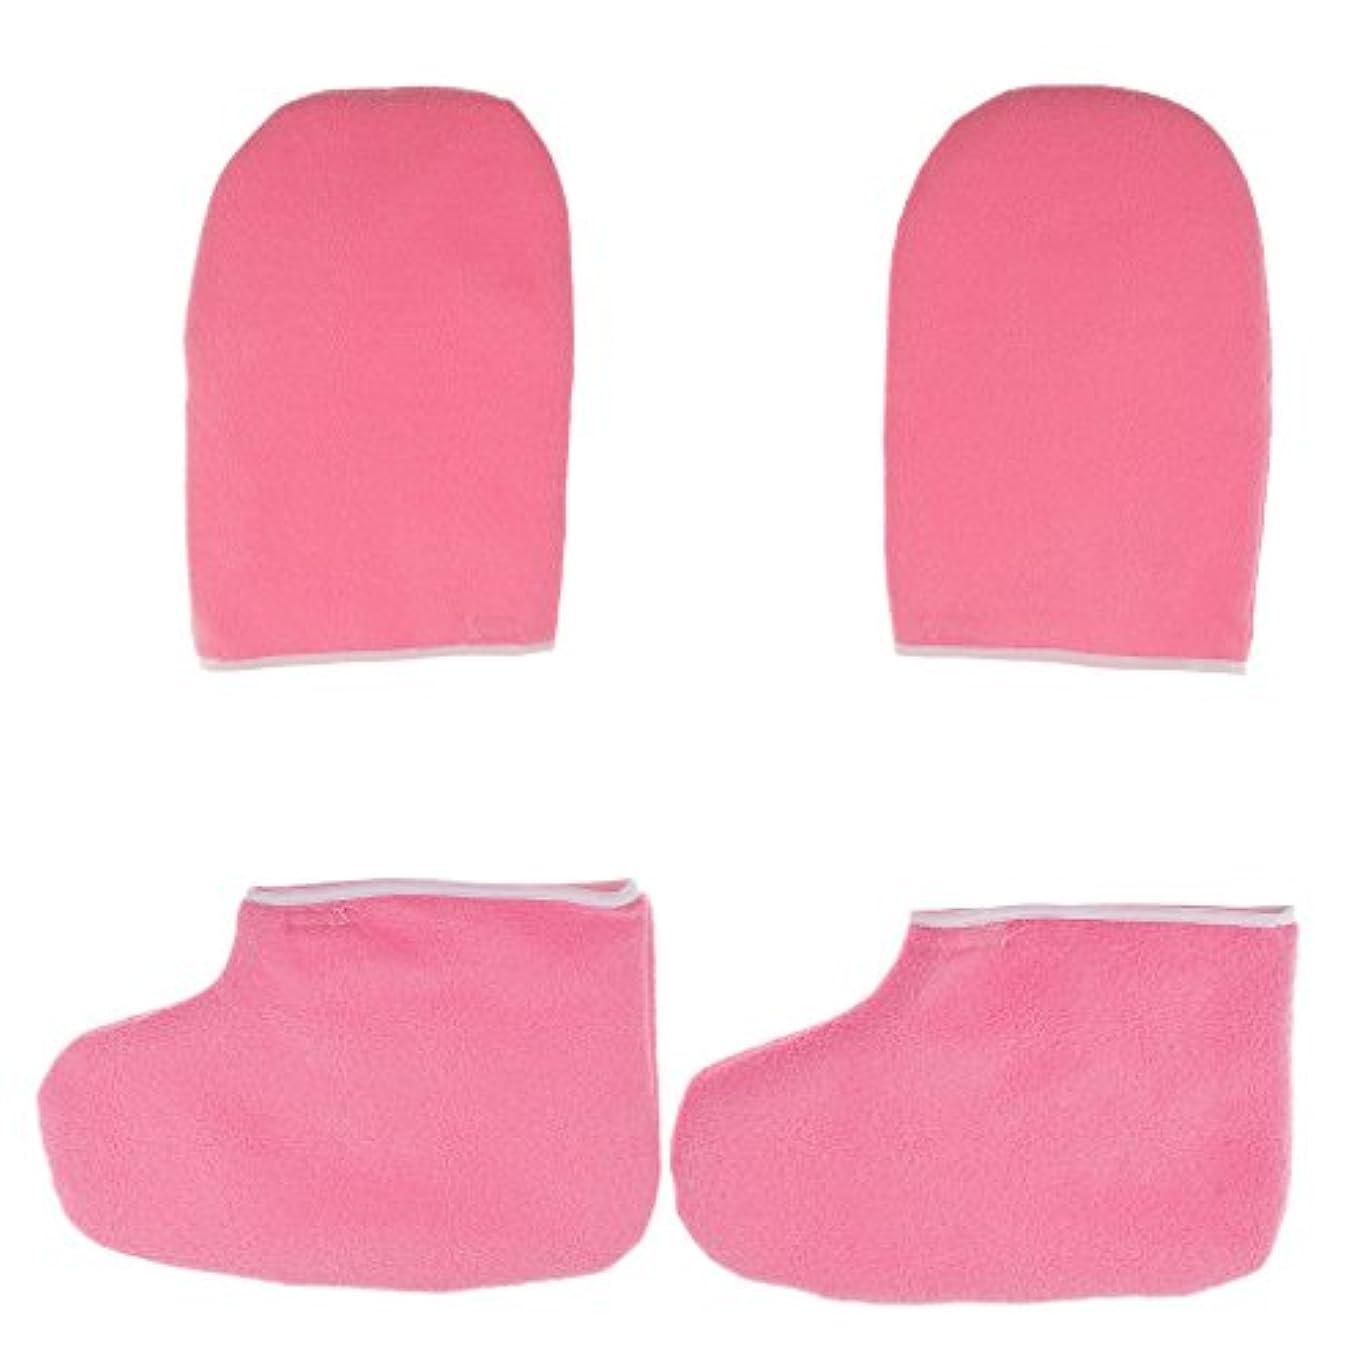 近々州やりすぎパラフィンワックスハンドバスグローブソックスハンドフットケア剥離デッドハードスキン - ピンク